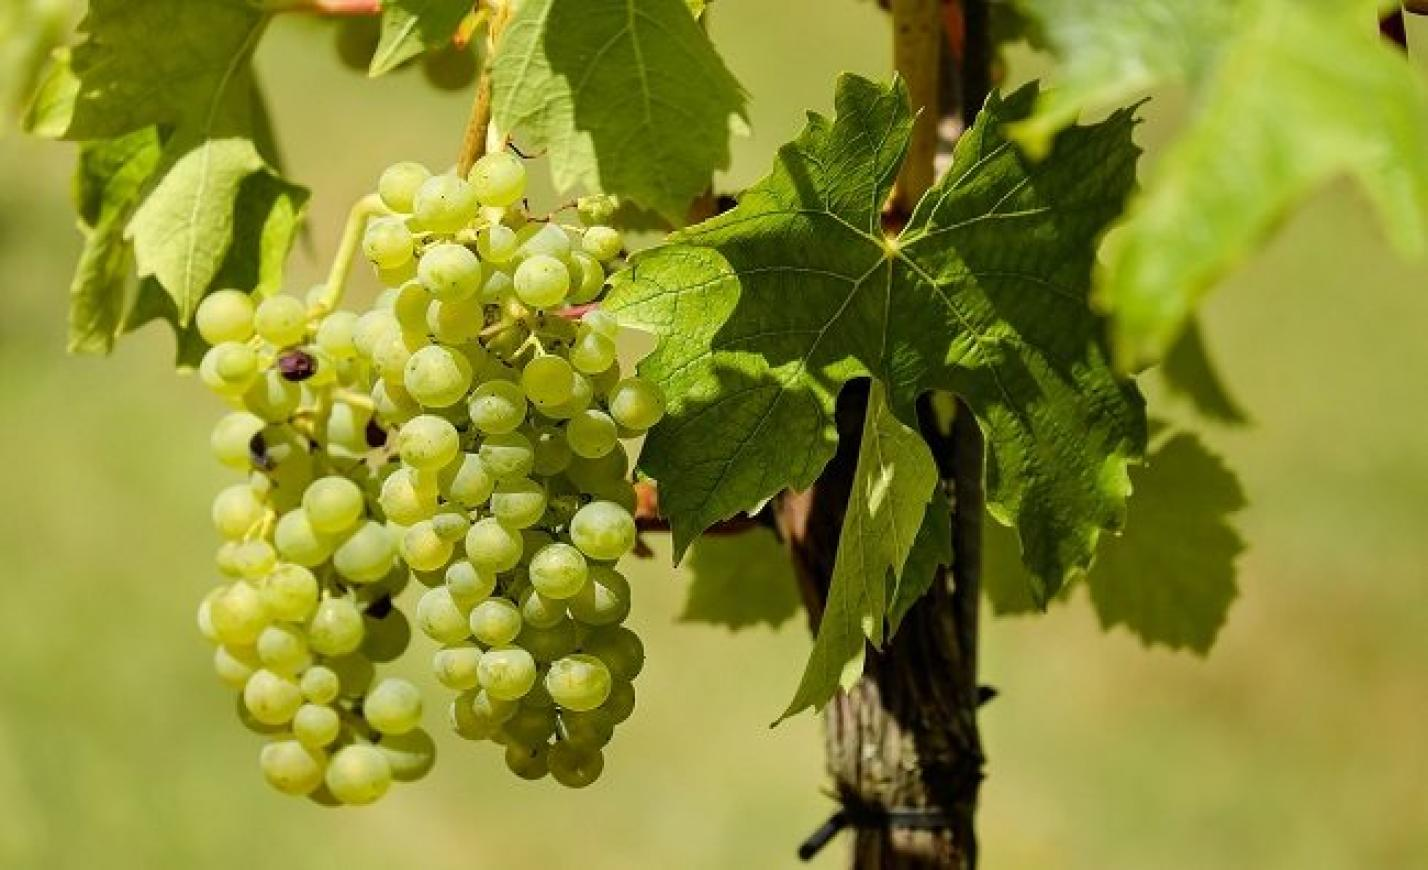 Erős termelői közösségekre van szükség a szőlészet, borászat fejlődéséhez